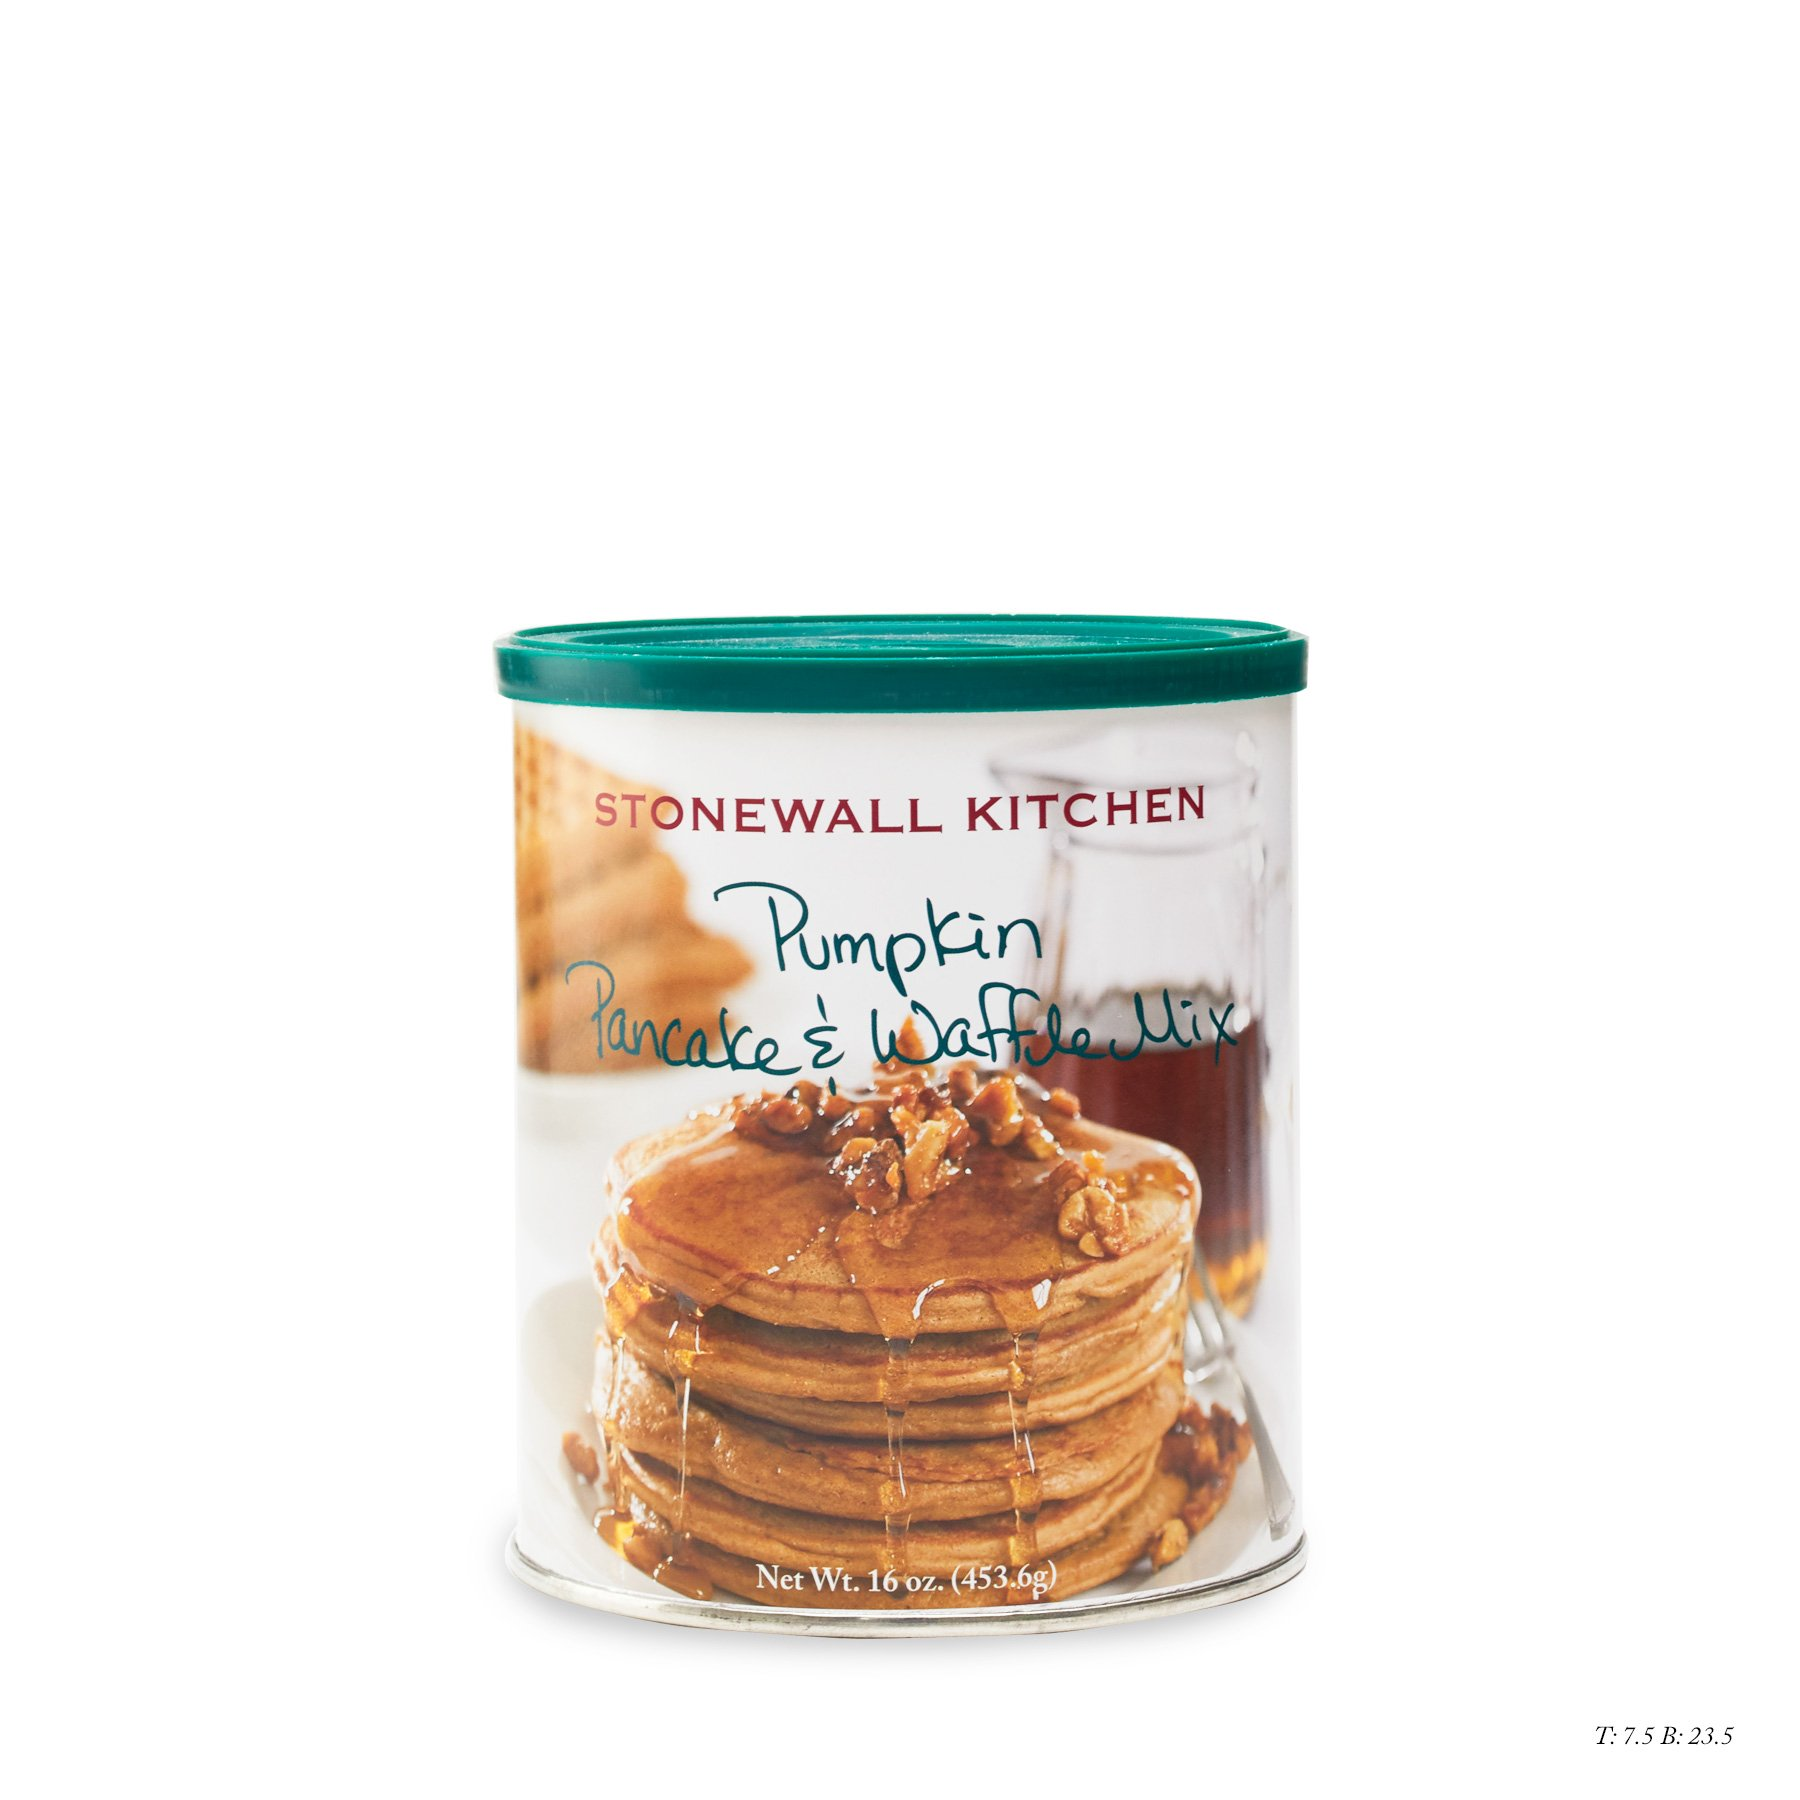 Stonewall Kitchen Pumpkin Pancake & Waffle Mix , 16 Ounces